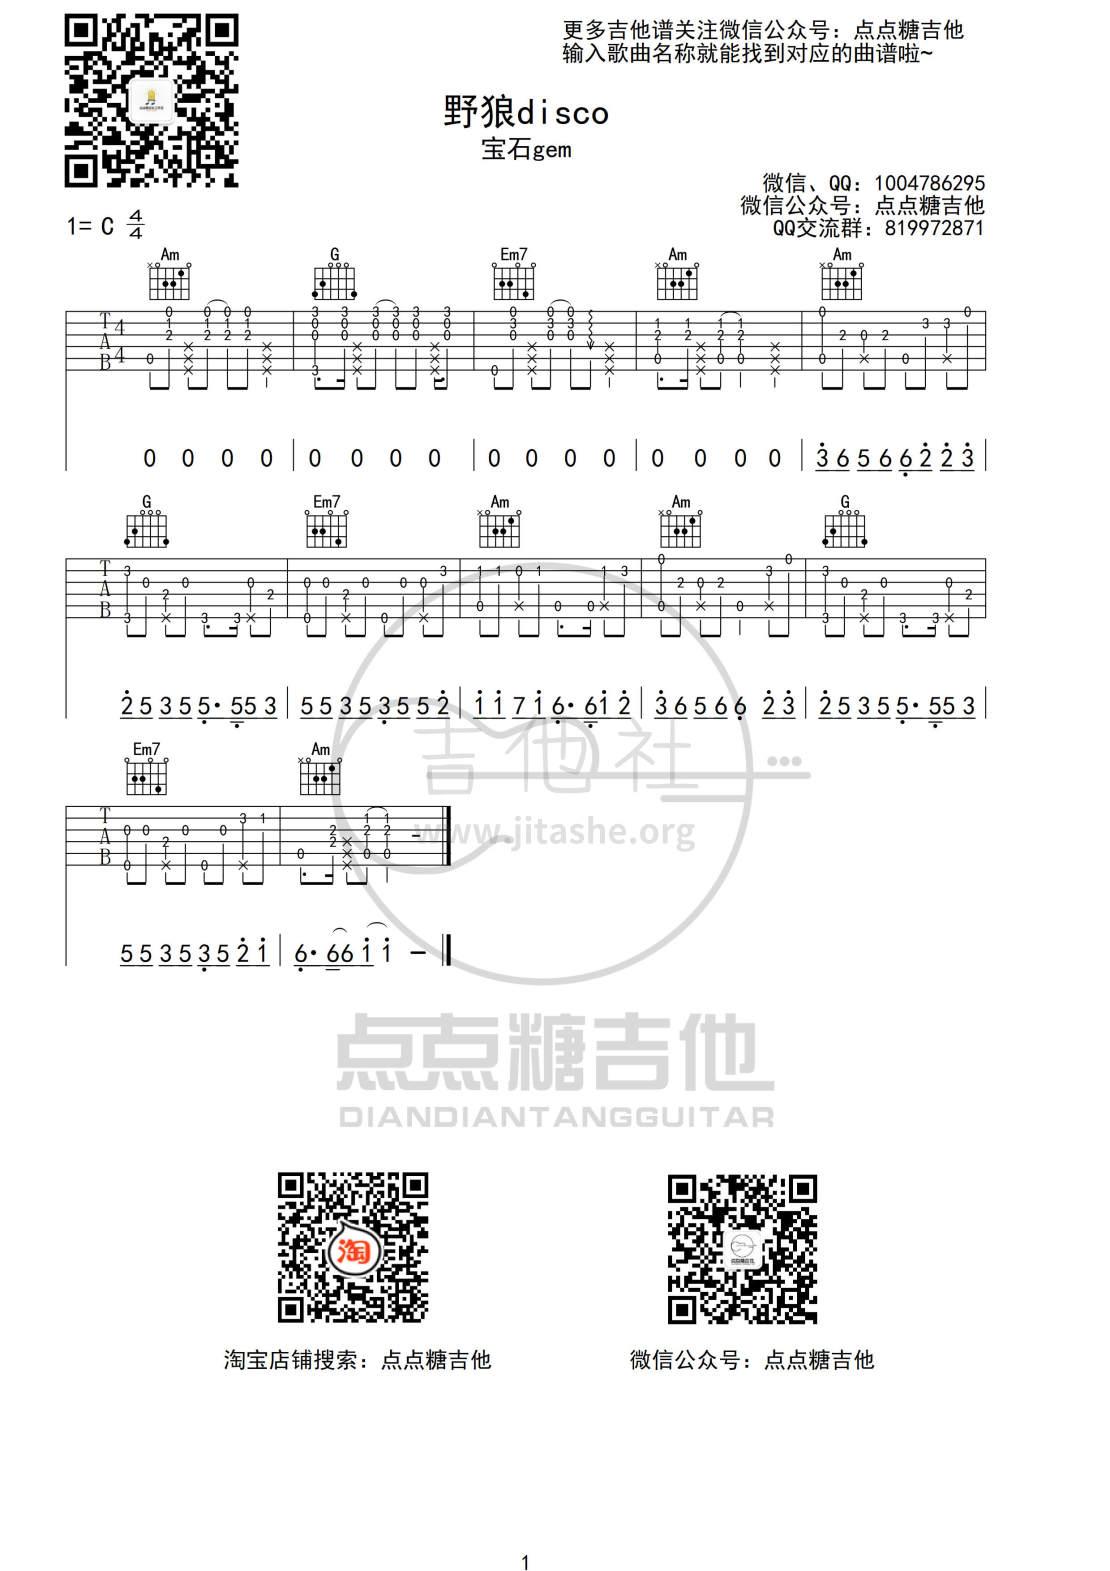 野狼disco(C调指弹六线谱)吉他谱(图片谱,指弹吉他,独奏)_宝石gem(你的老舅)_野狼disco指弹 300.jpg